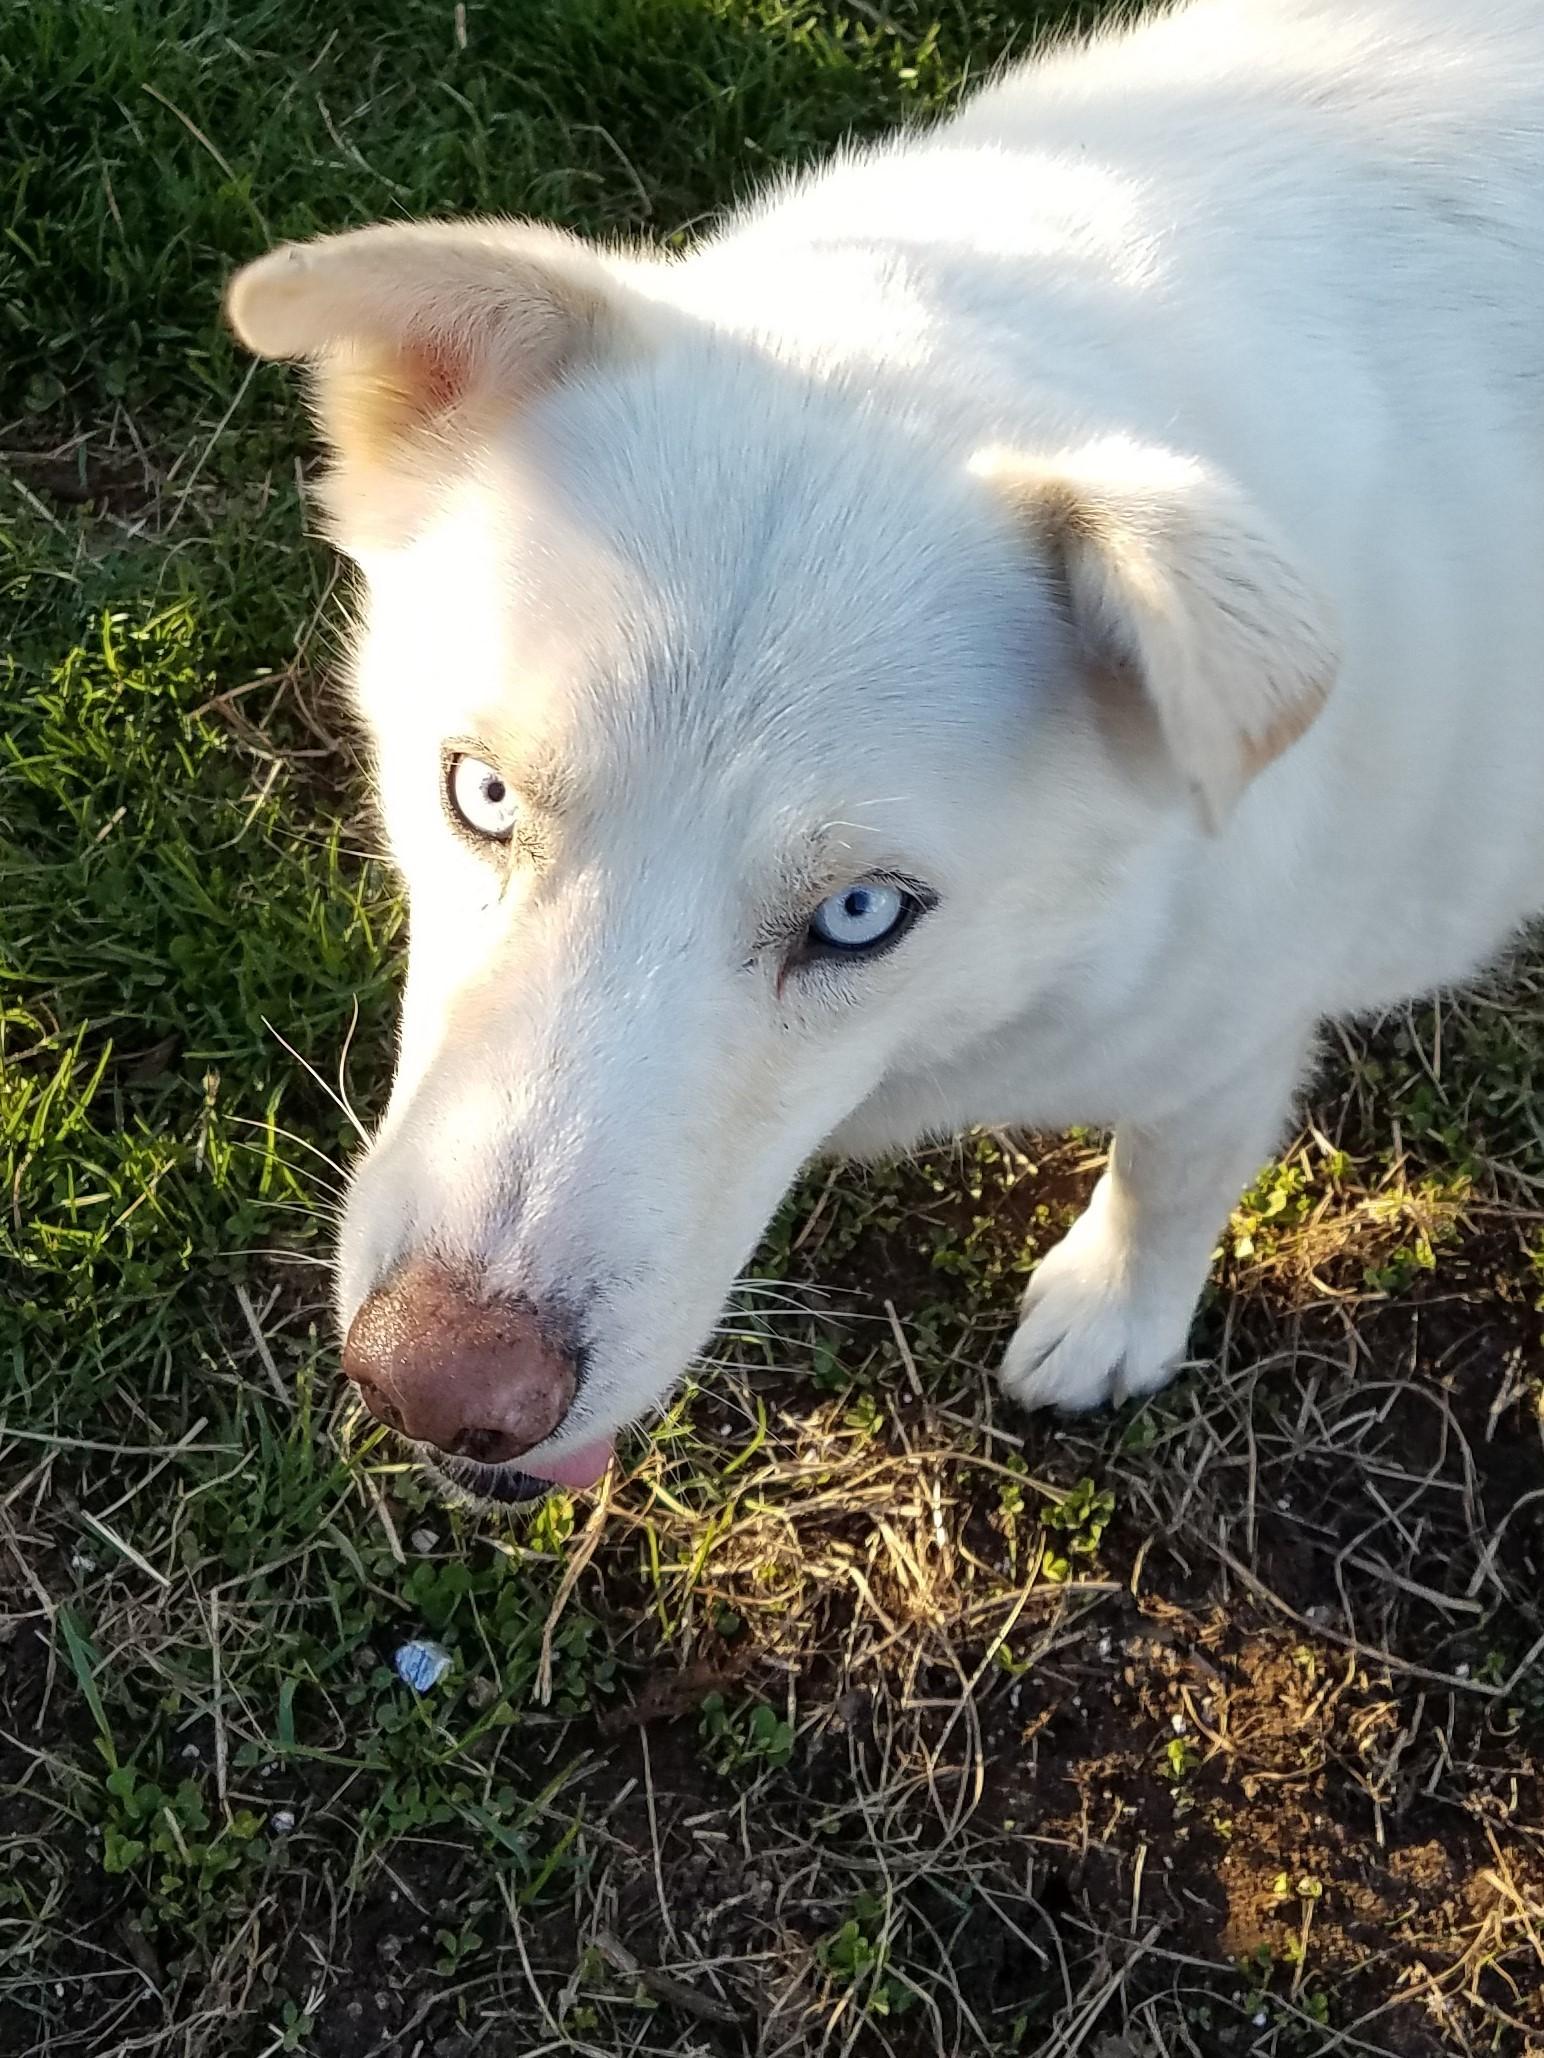 Old Blue Eyes - Frank